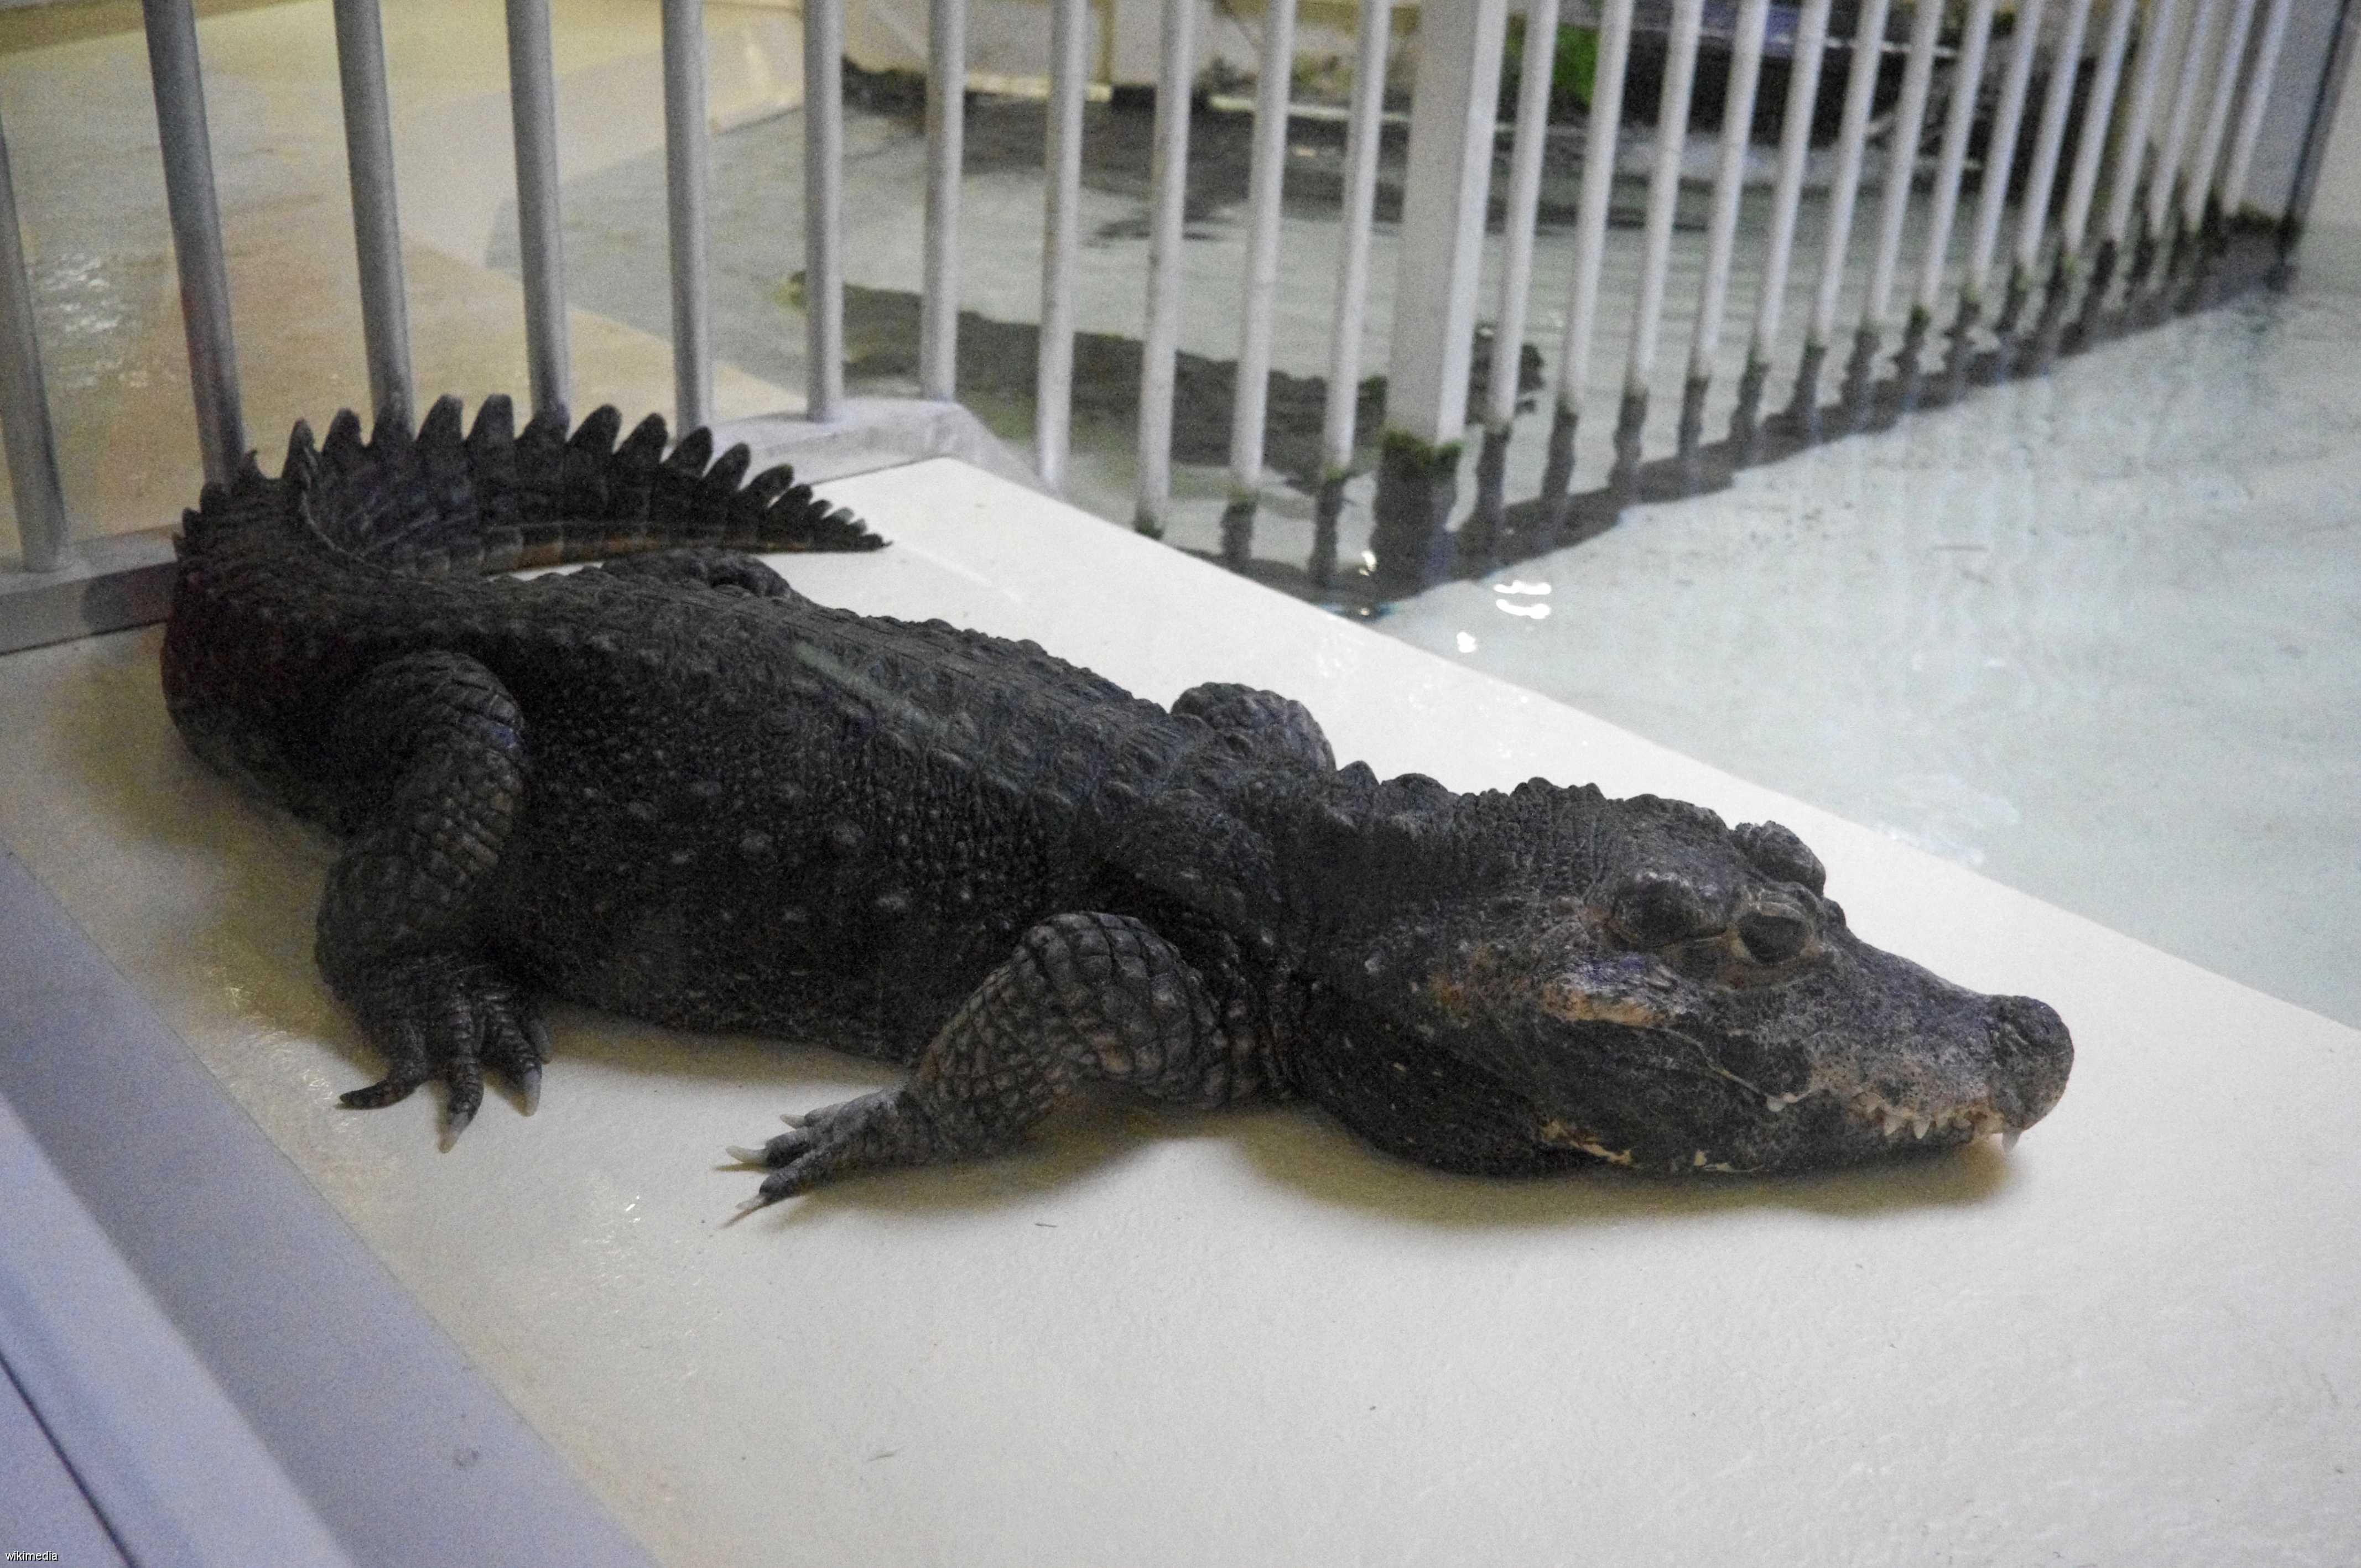 Reptiland : Parc reptile dans le Lot à Martel